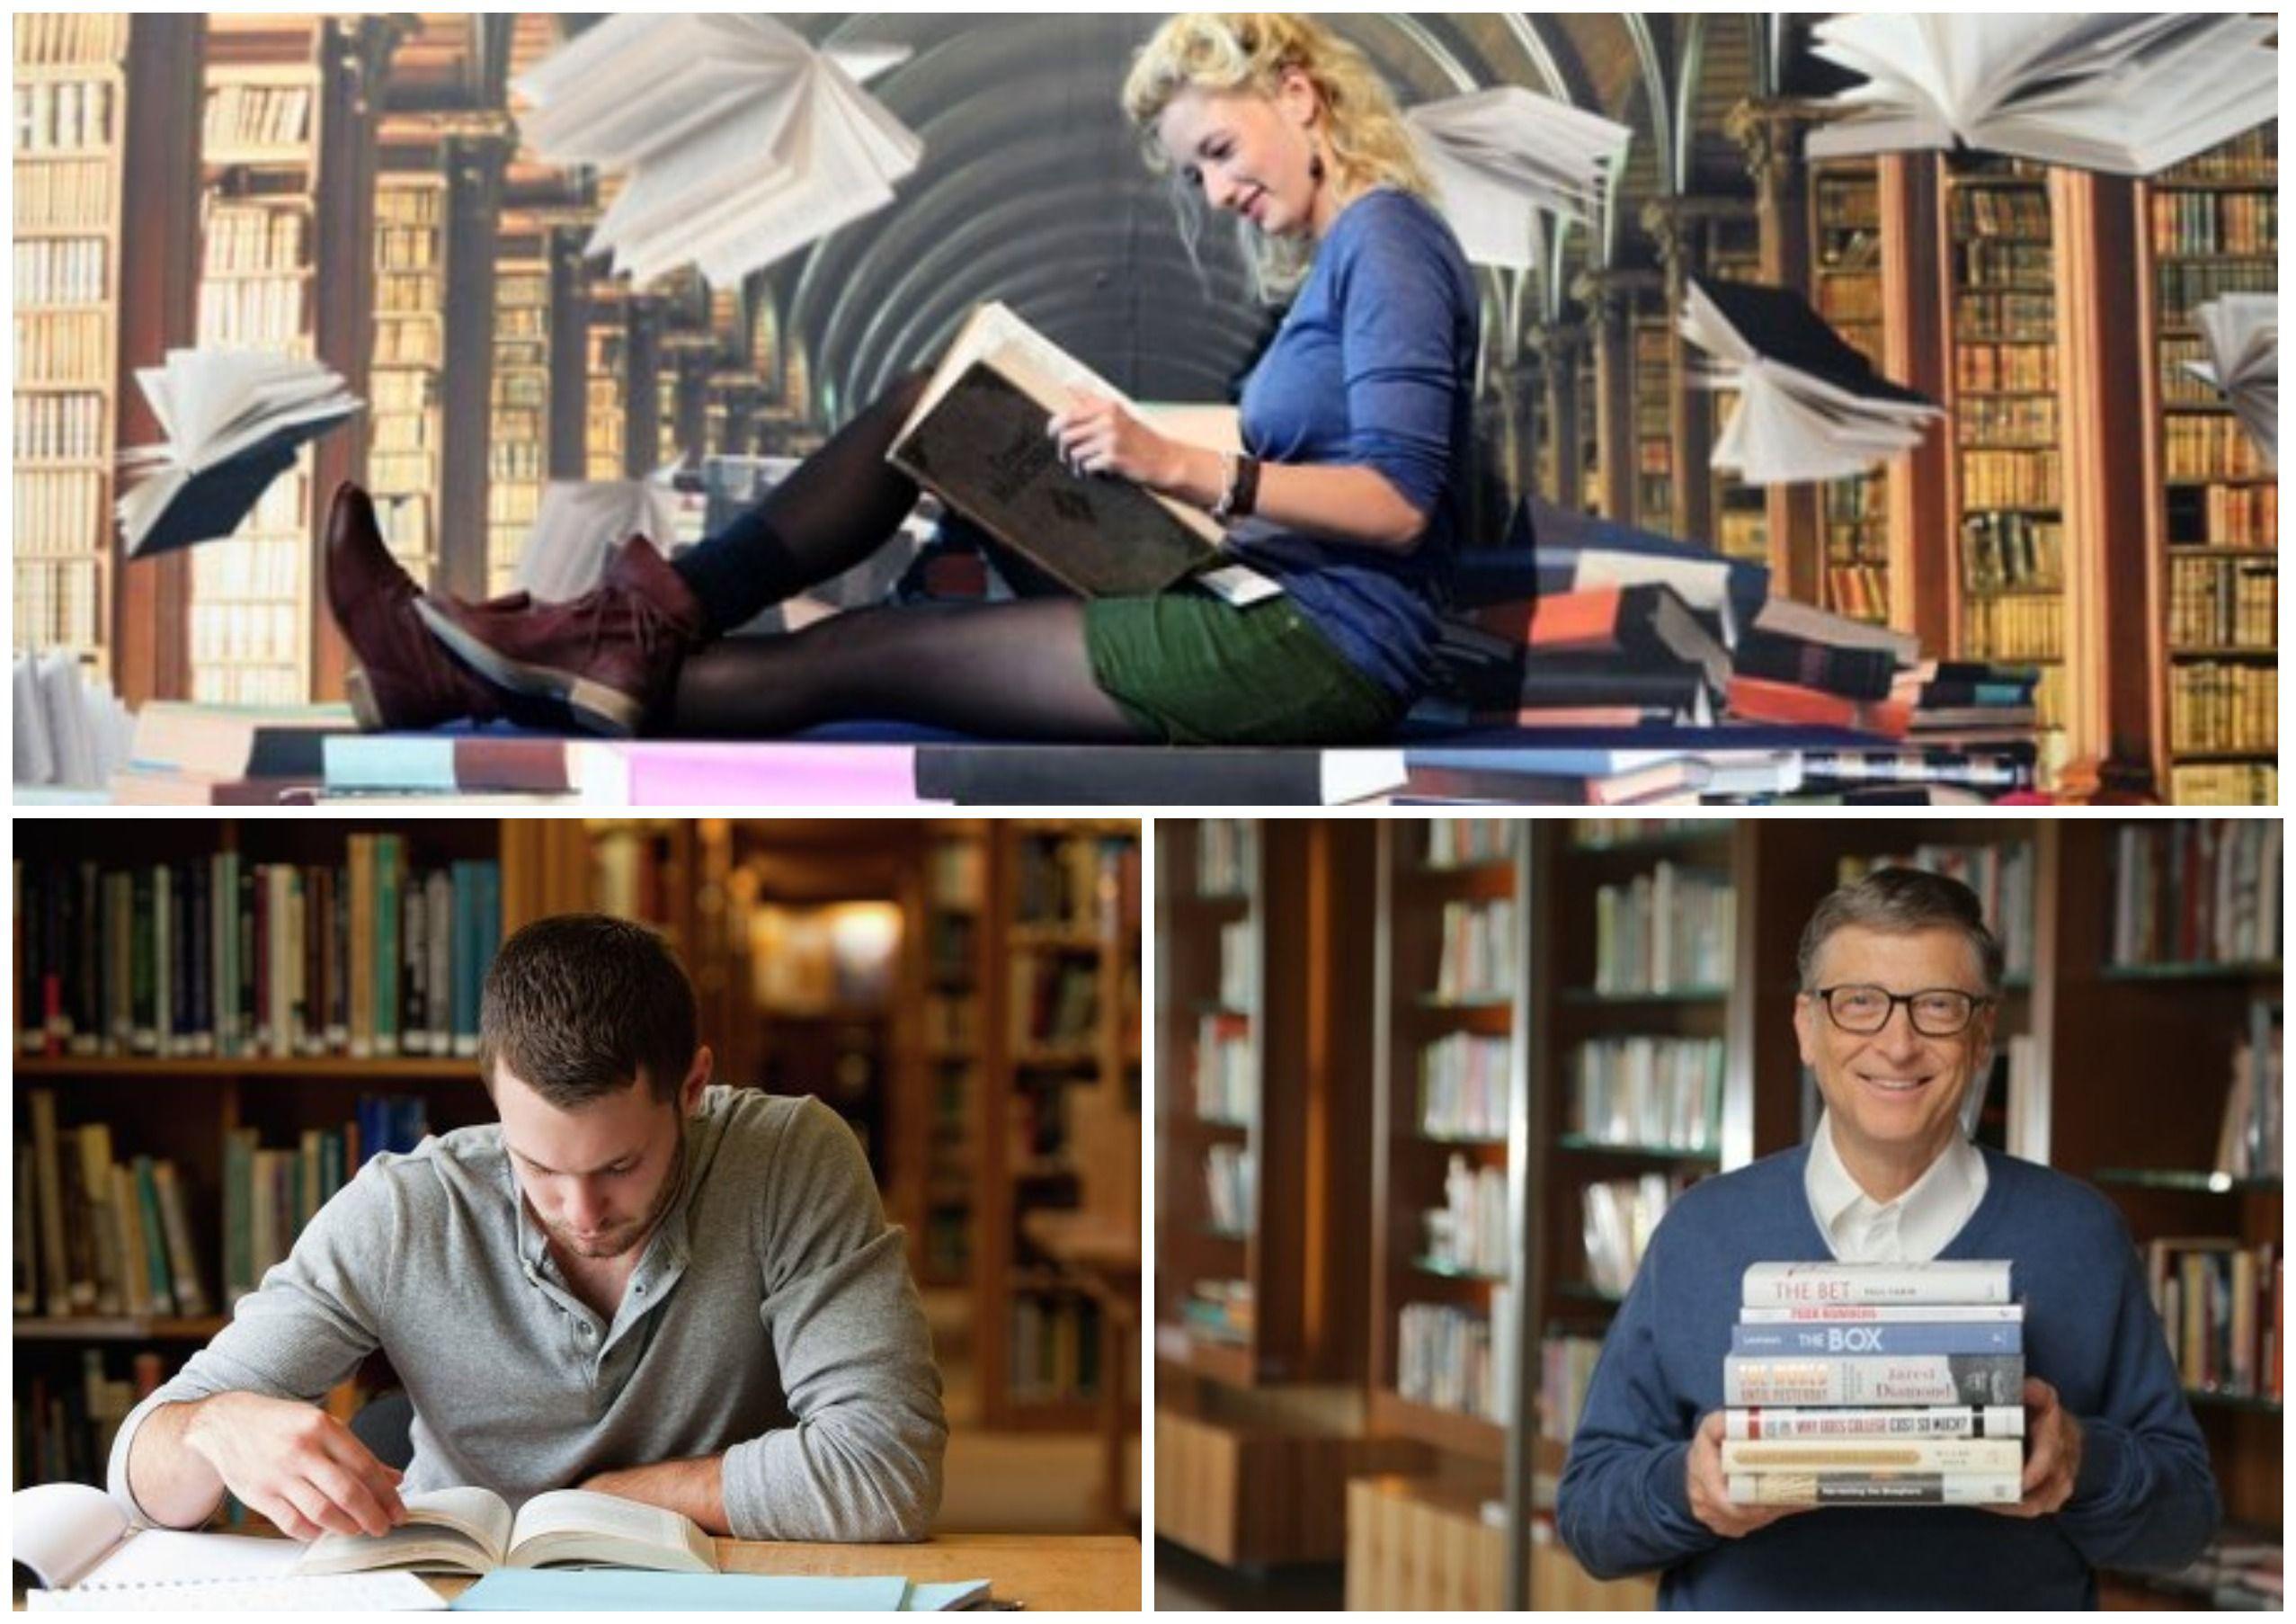 Книги научат правильно говорить, увеличат словарный запас